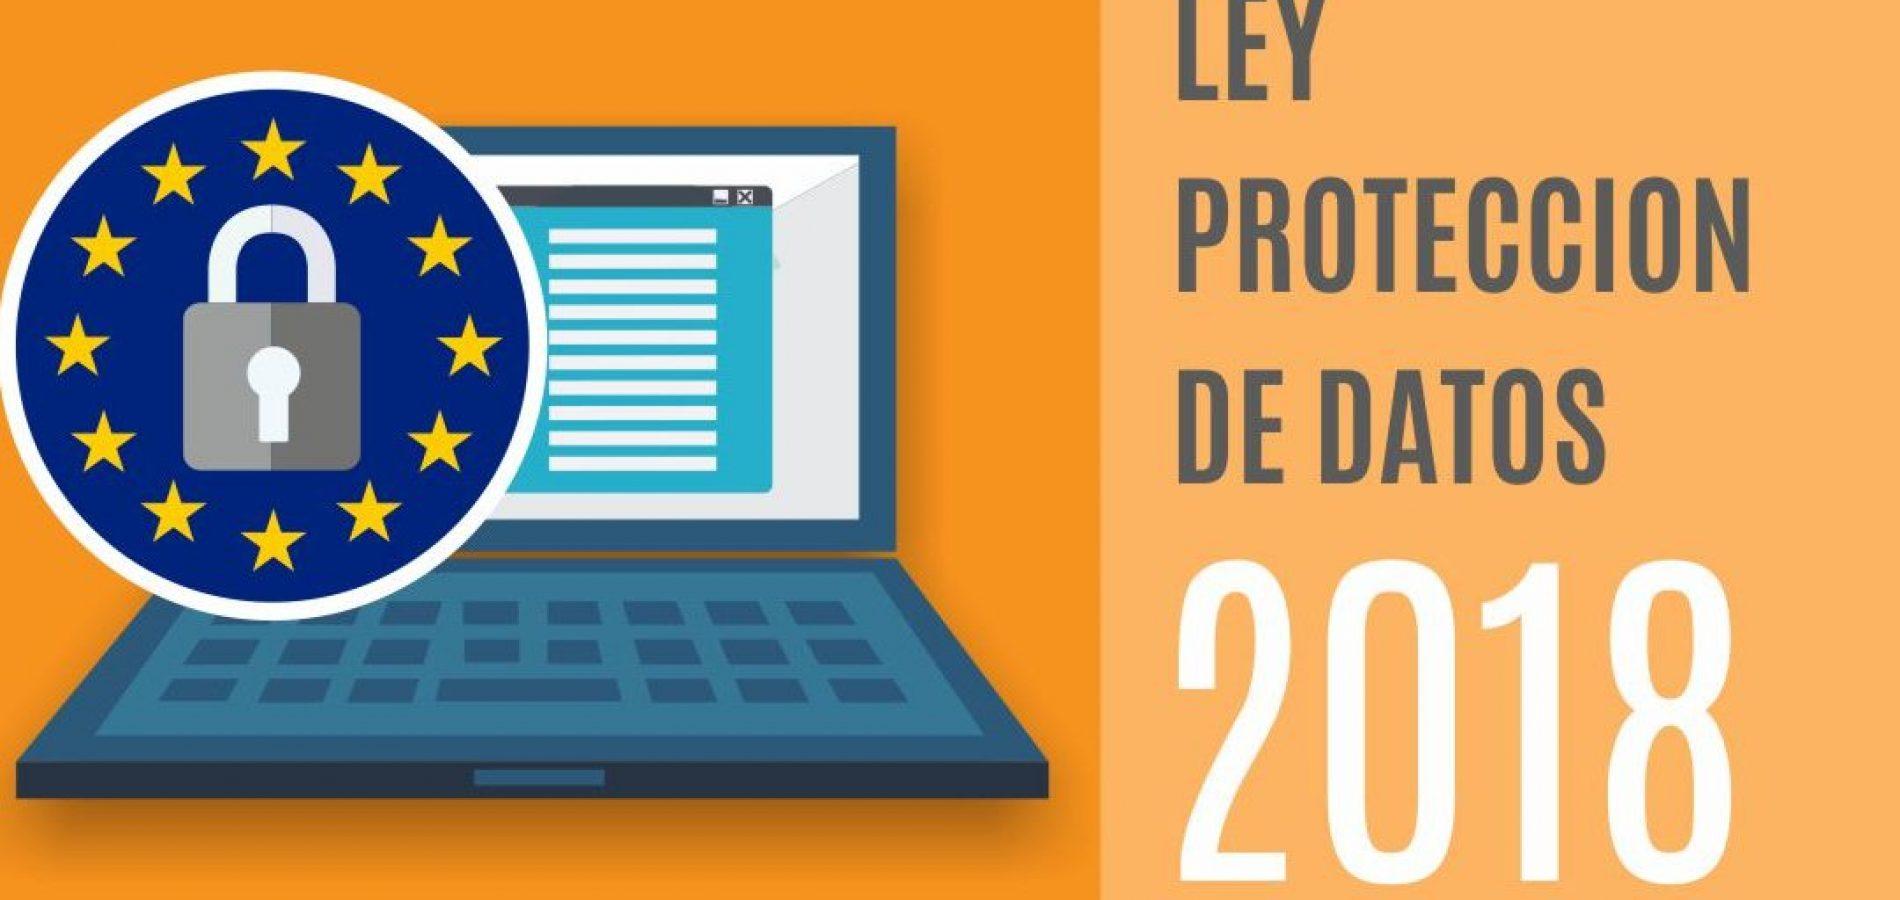 ¿Cuándo empieza a aplicarse el nuevo Reglamento Europeo de Protección de Datos?